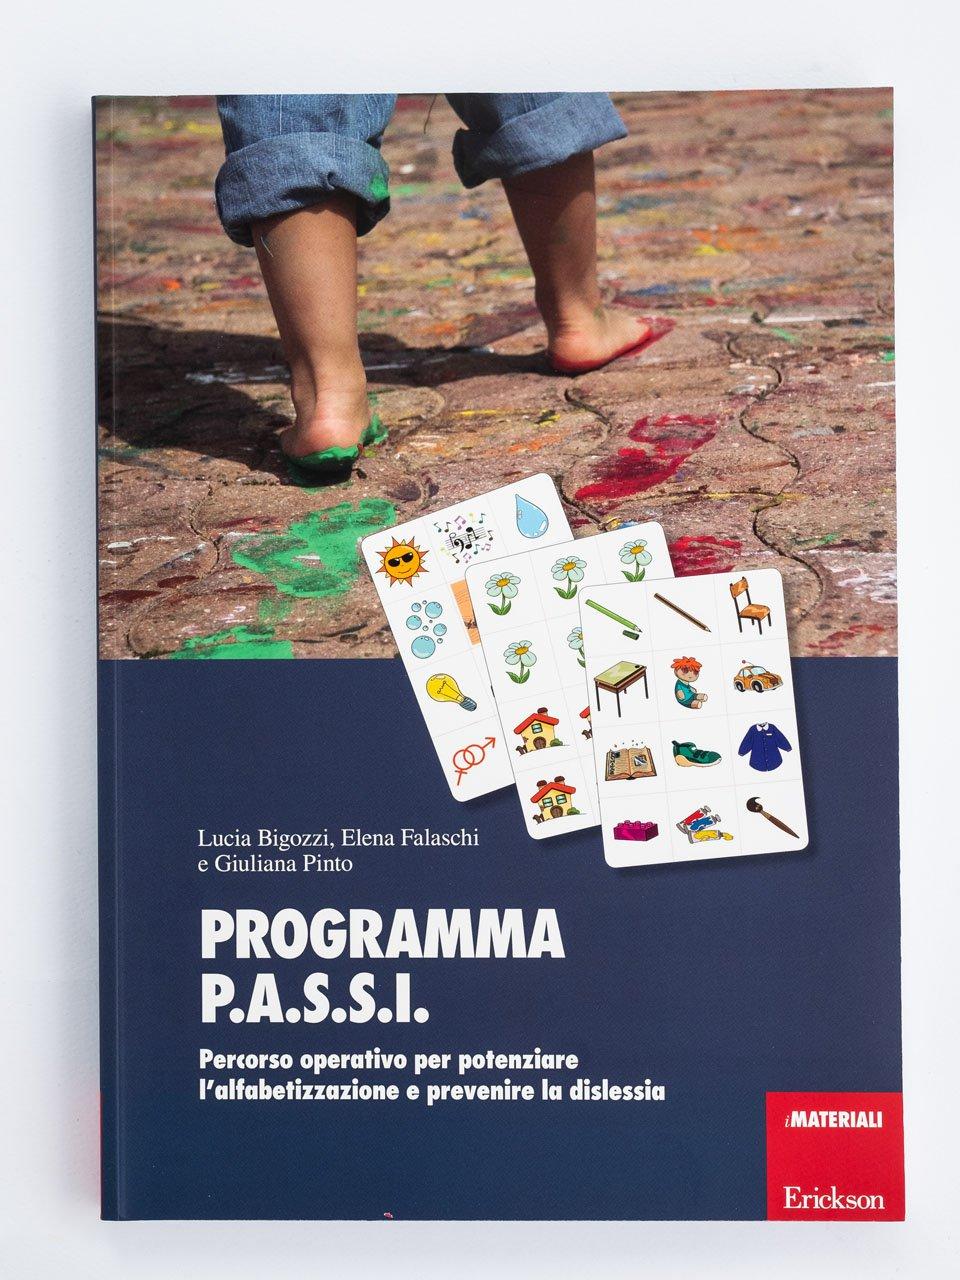 Programma P.A.S.S.I. - Test BHK - Scala sintetica per la valutazione dell - Libri - Erickson